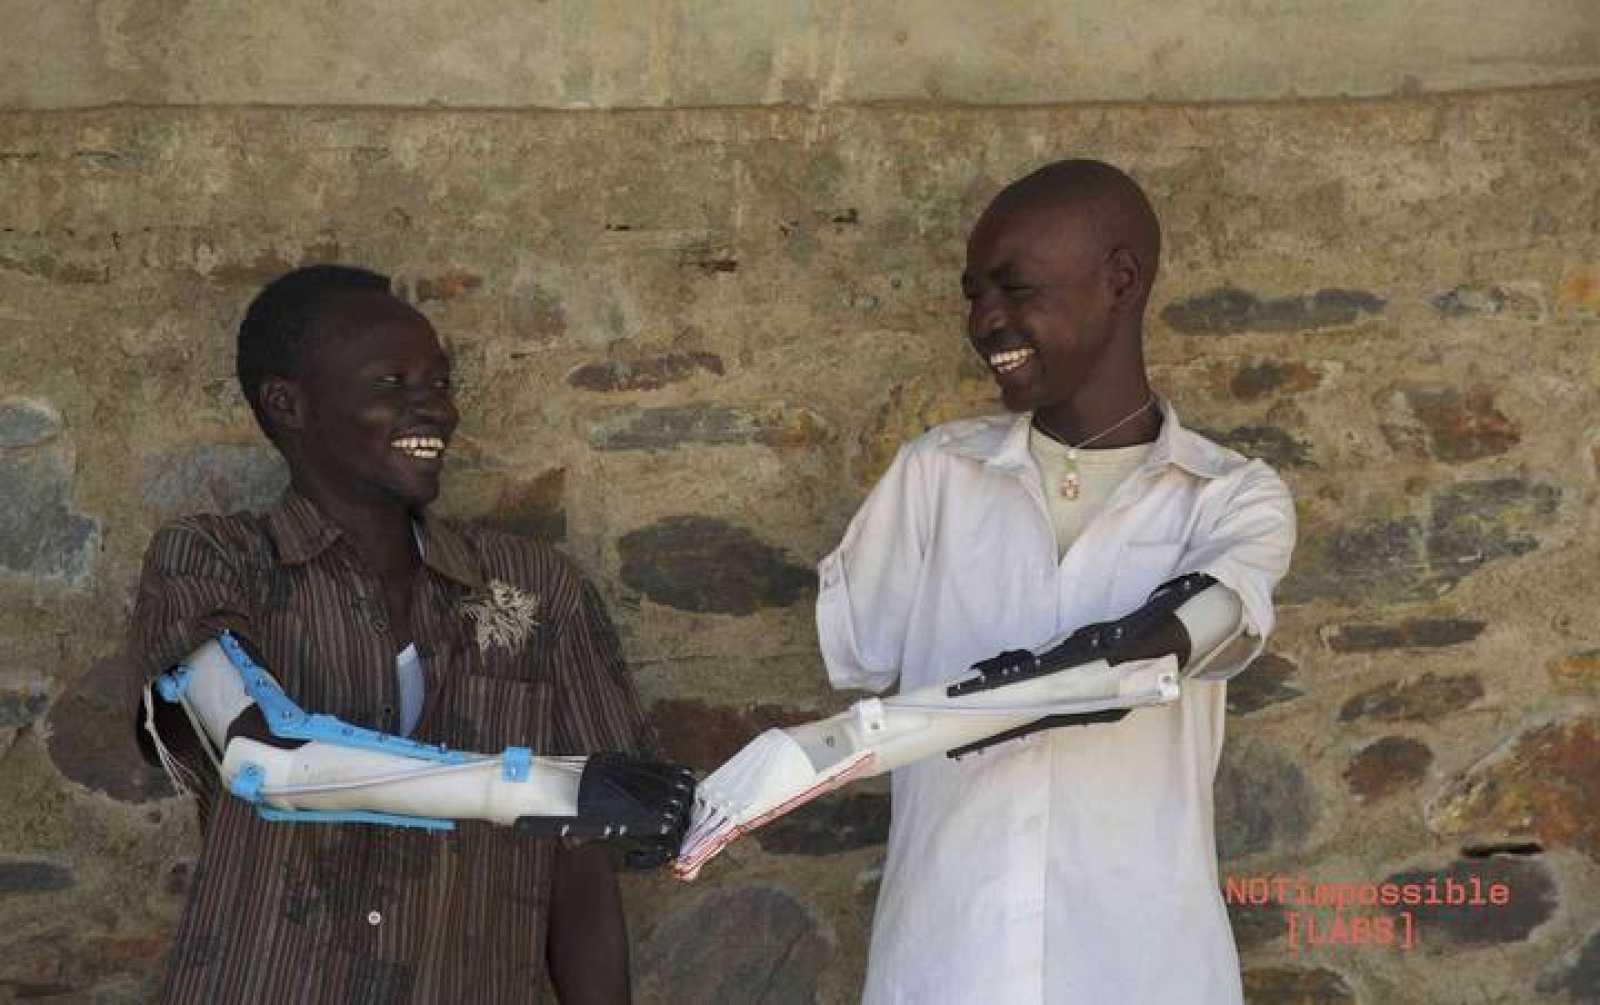 Daniel Omar y Mohammed, dos de las personas que han empezado a usar el brazo protésico.